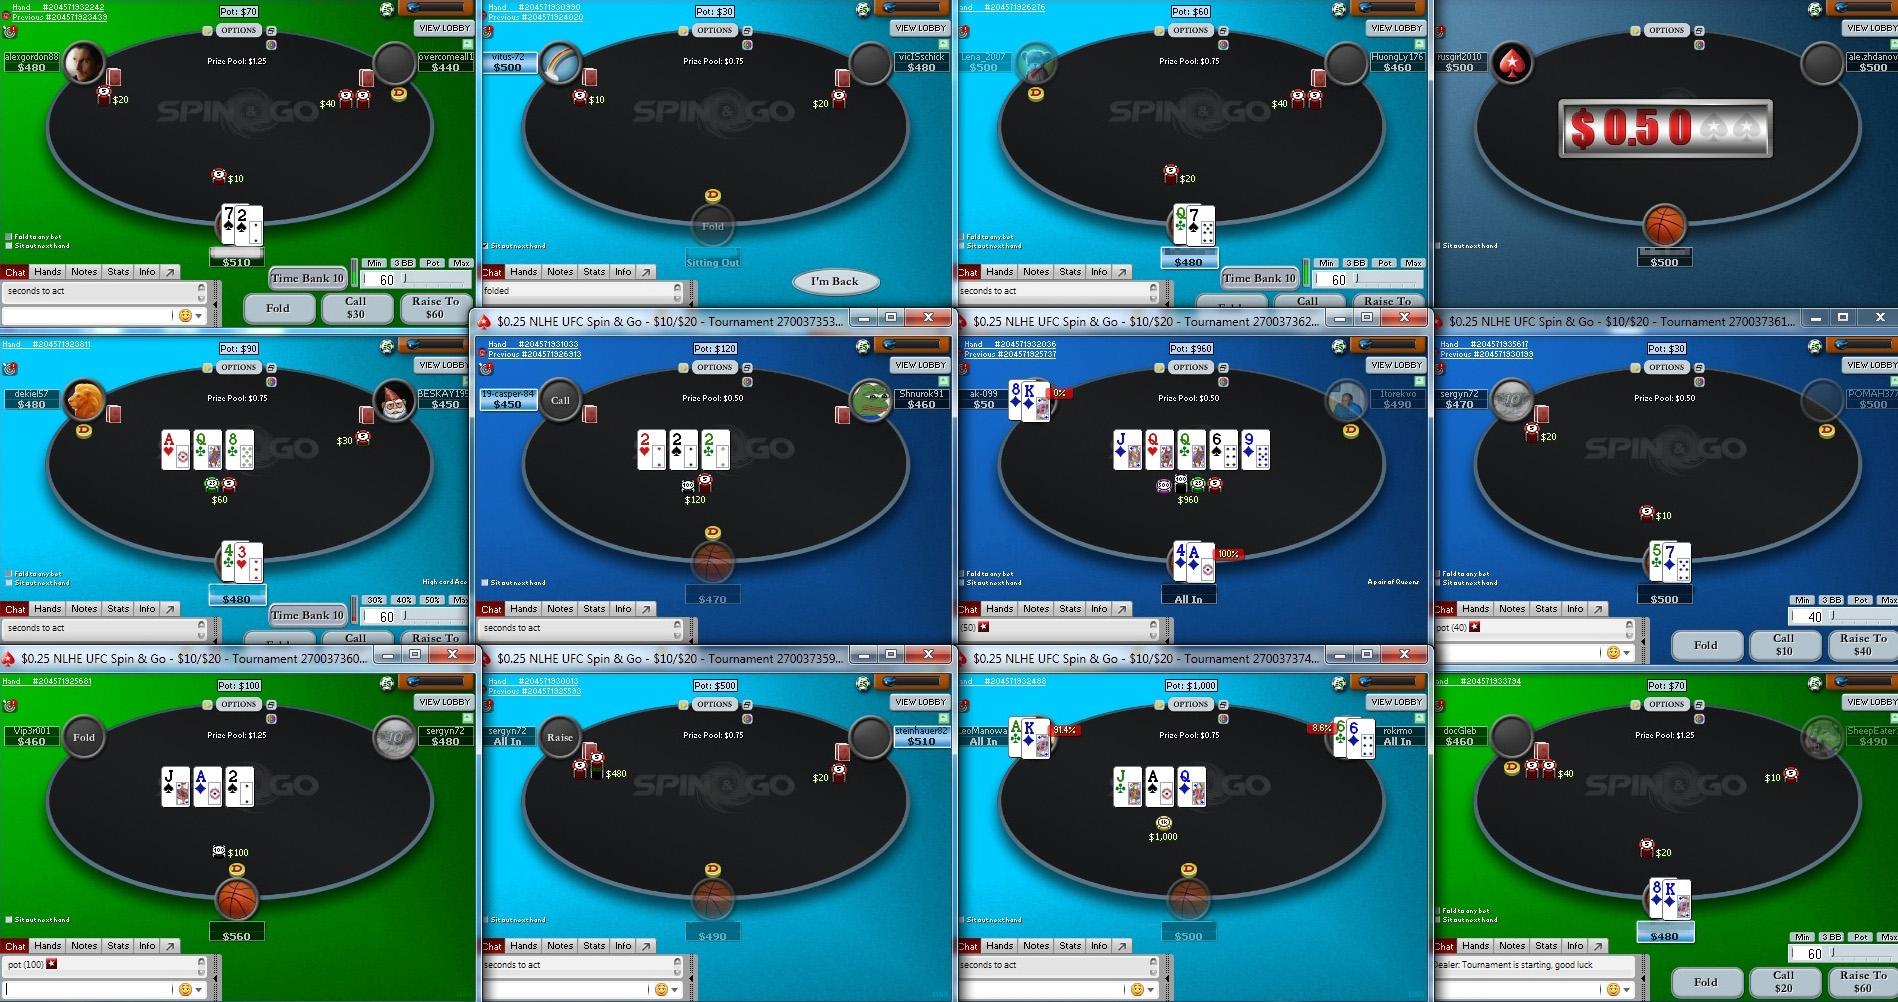 Можно ли выиграть в онлайн покер отзывы скачать игровые автоматы апк бесплатно